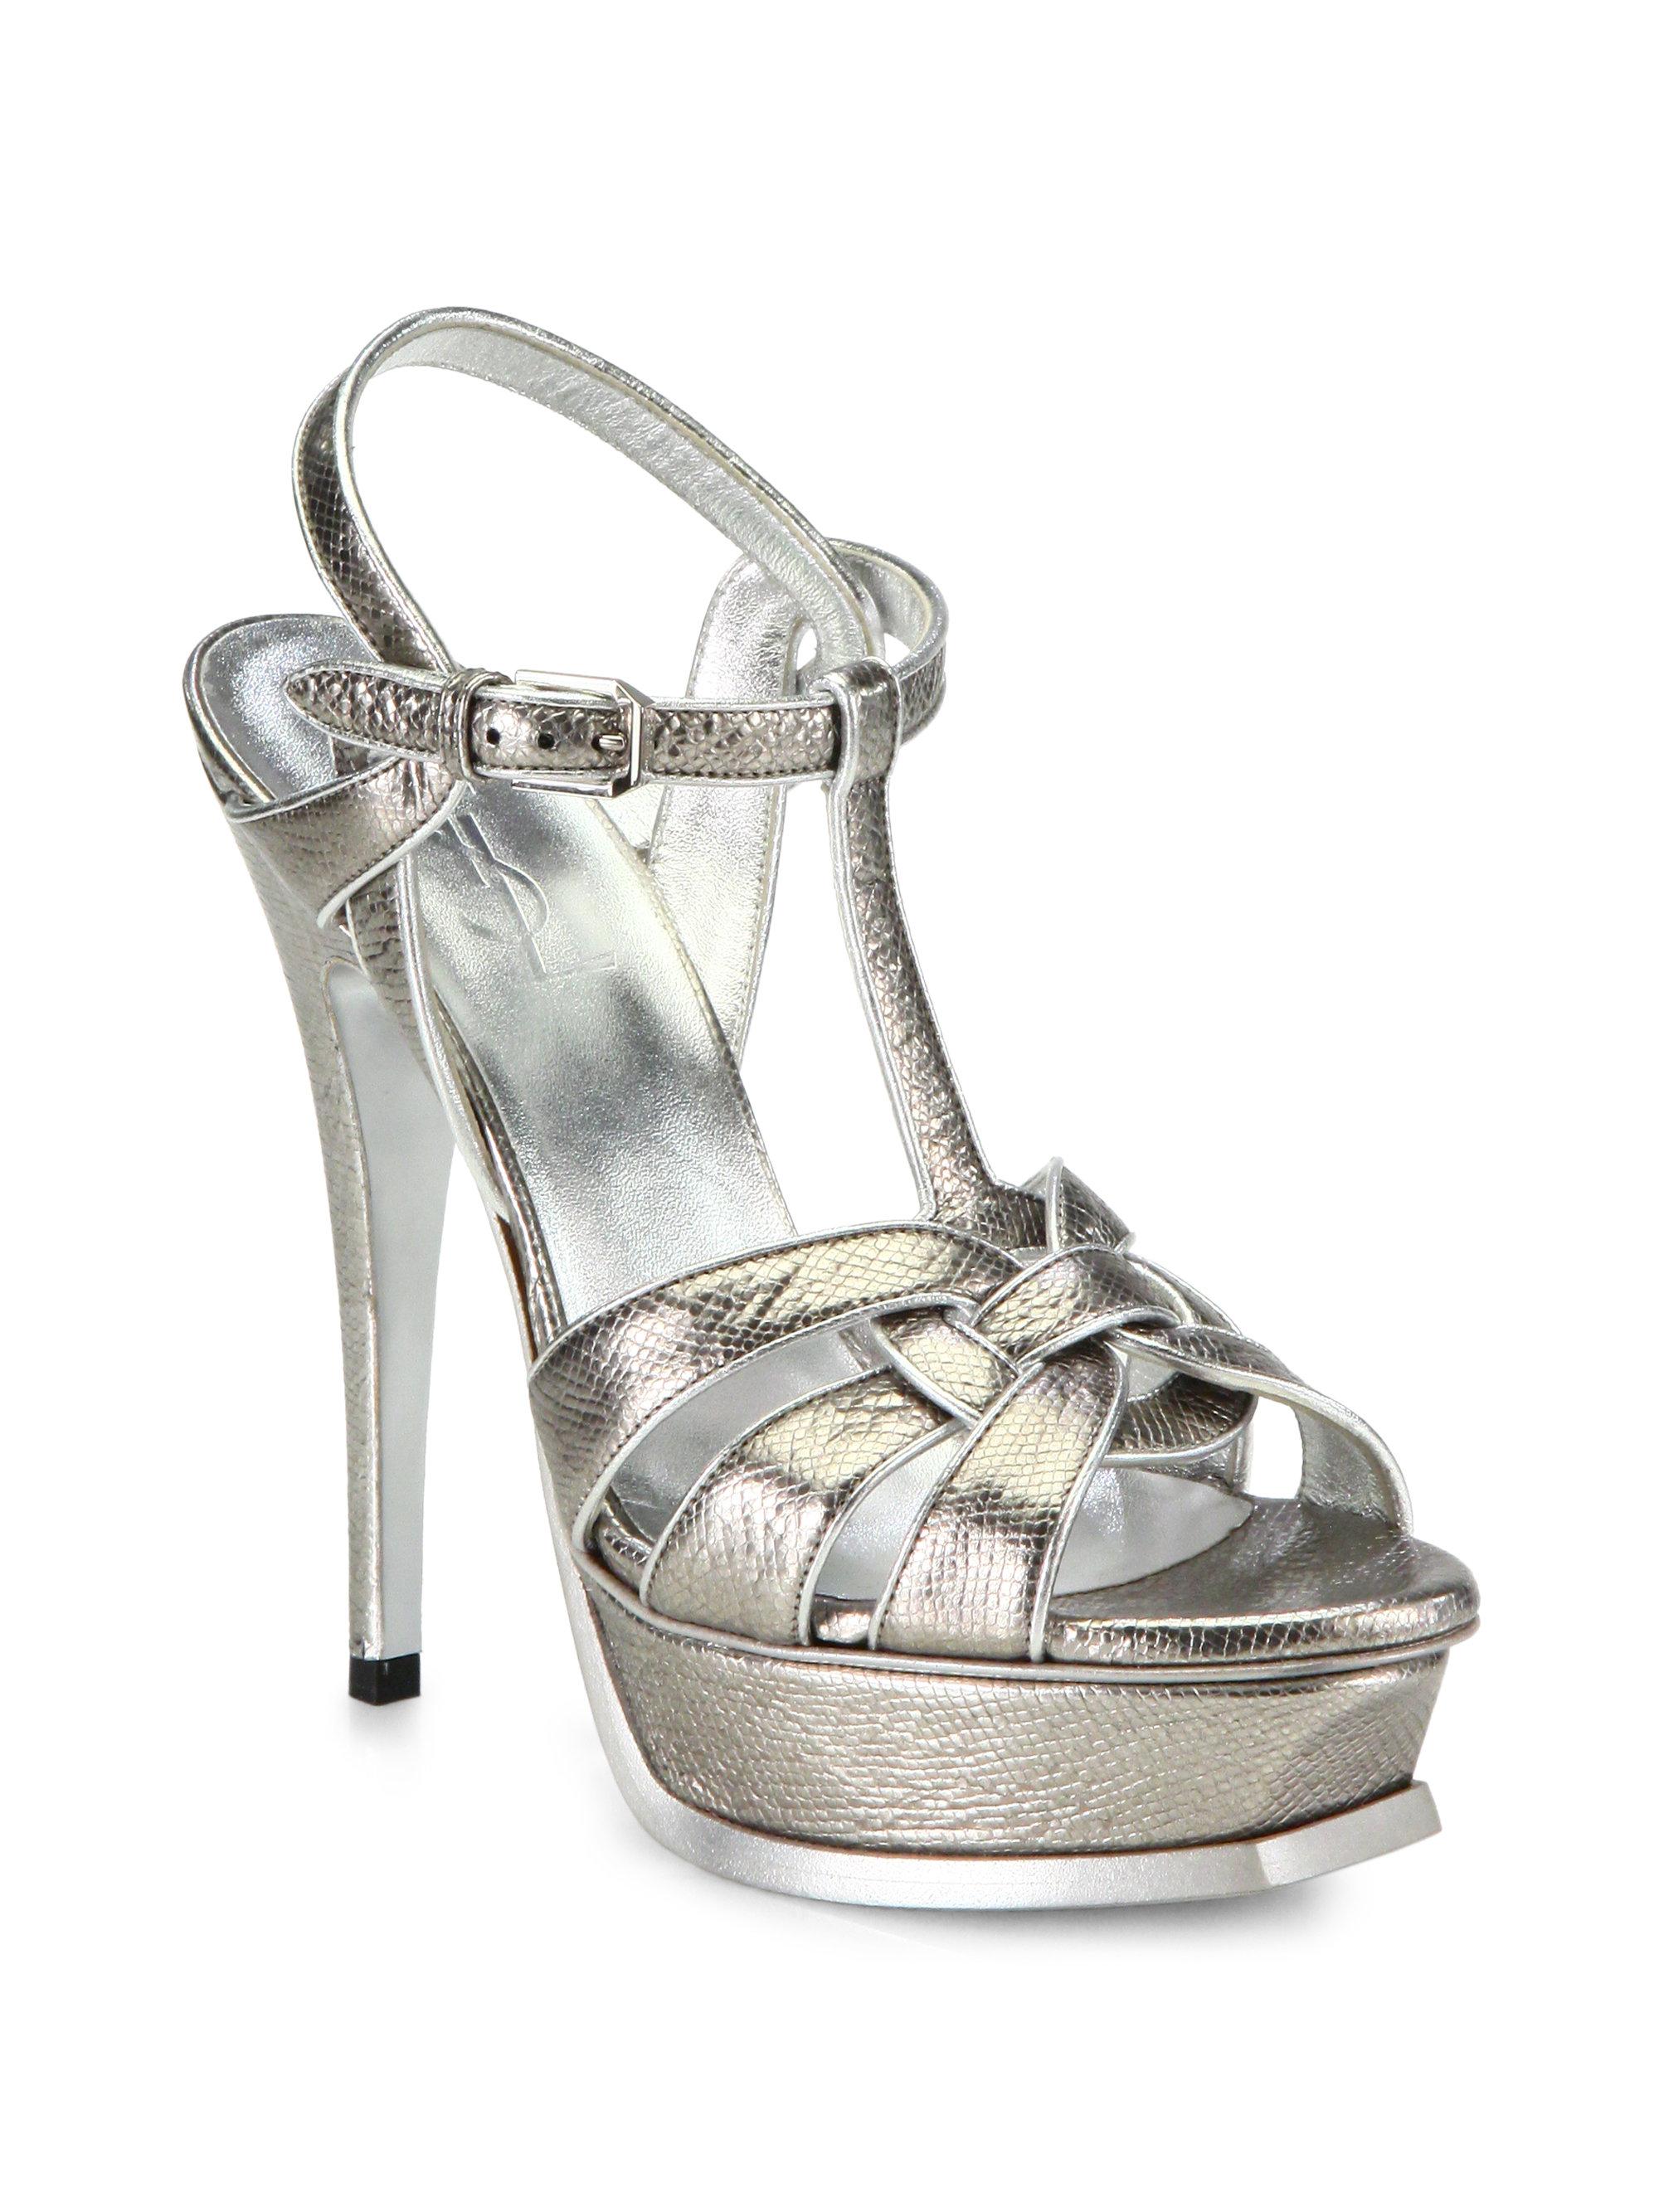 Metallic Silver Platform Heels